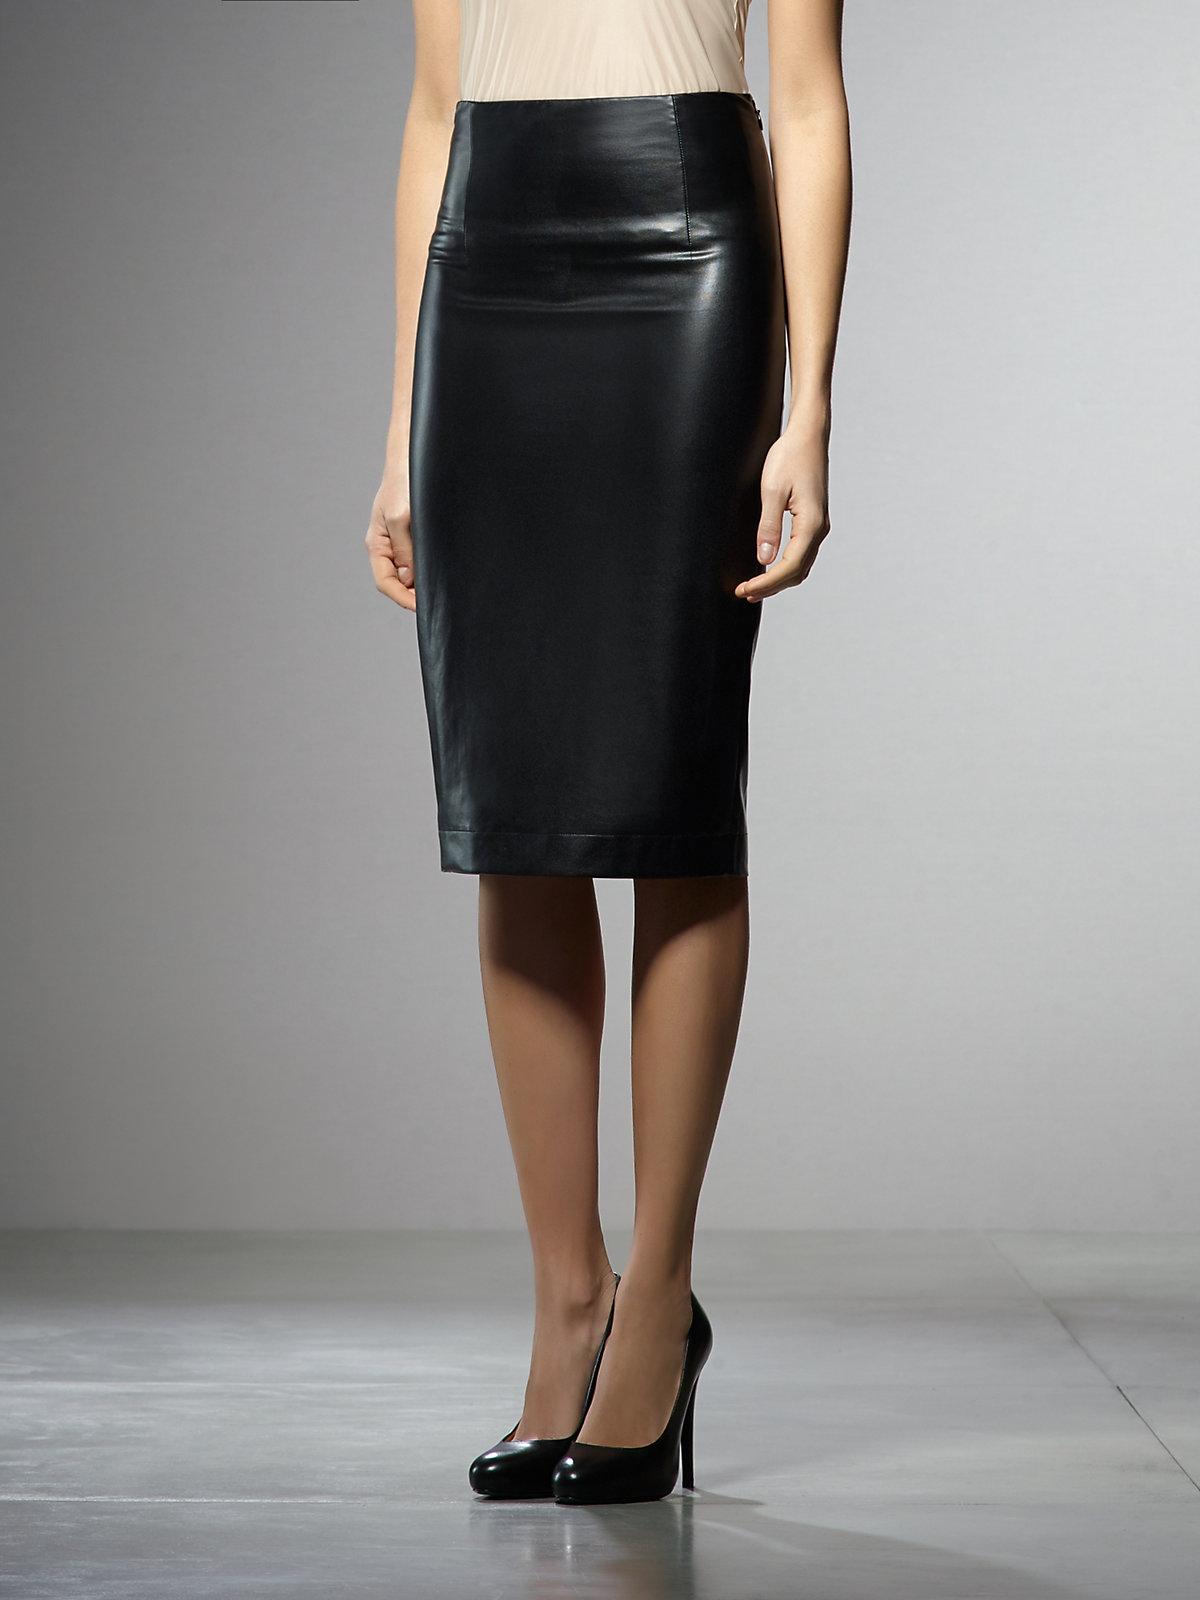 Leather Skirt High Waisted